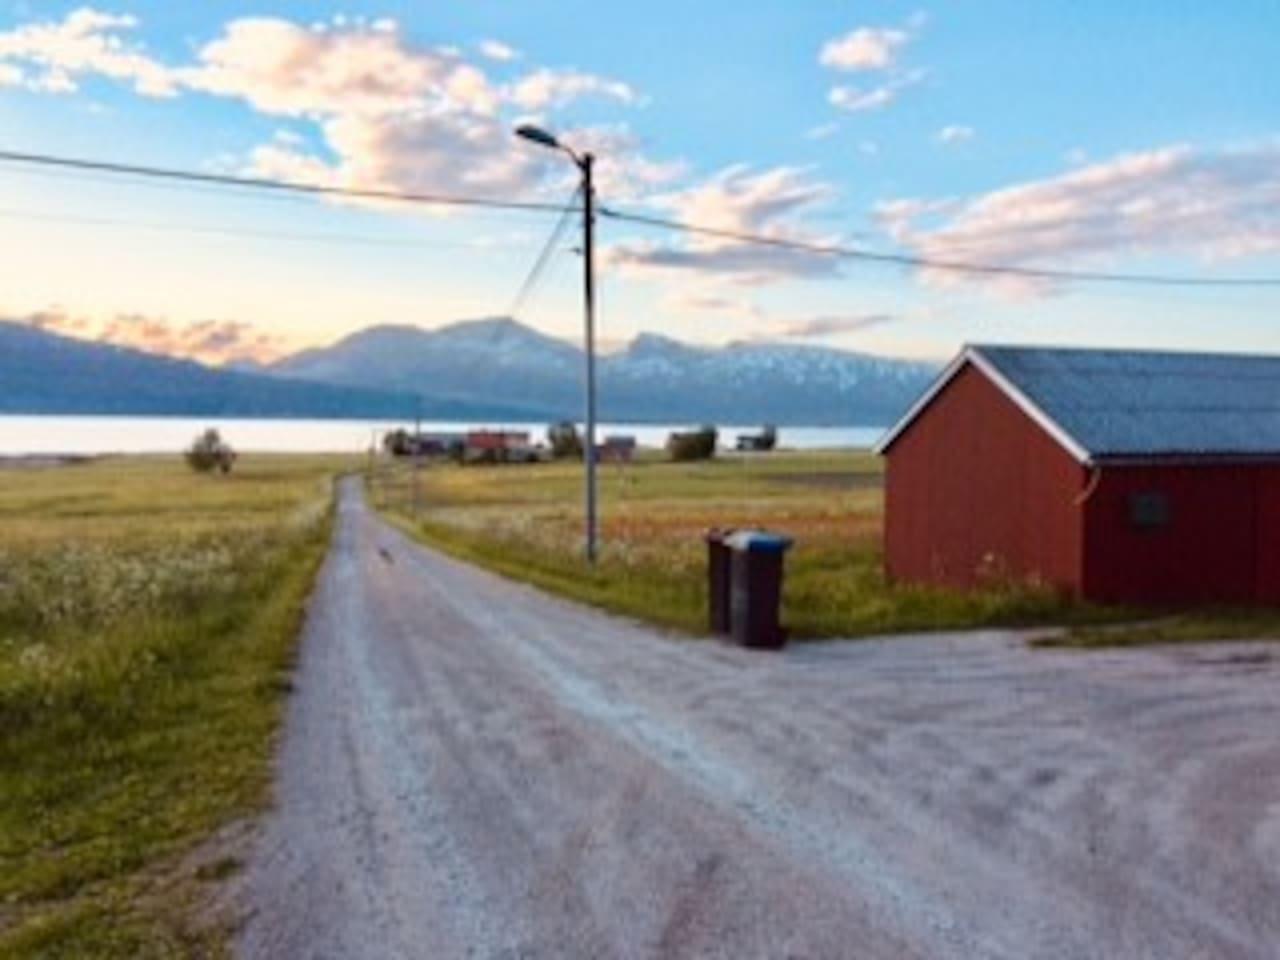 Leilighet på tidligere gårdsbruk nær sjøen.